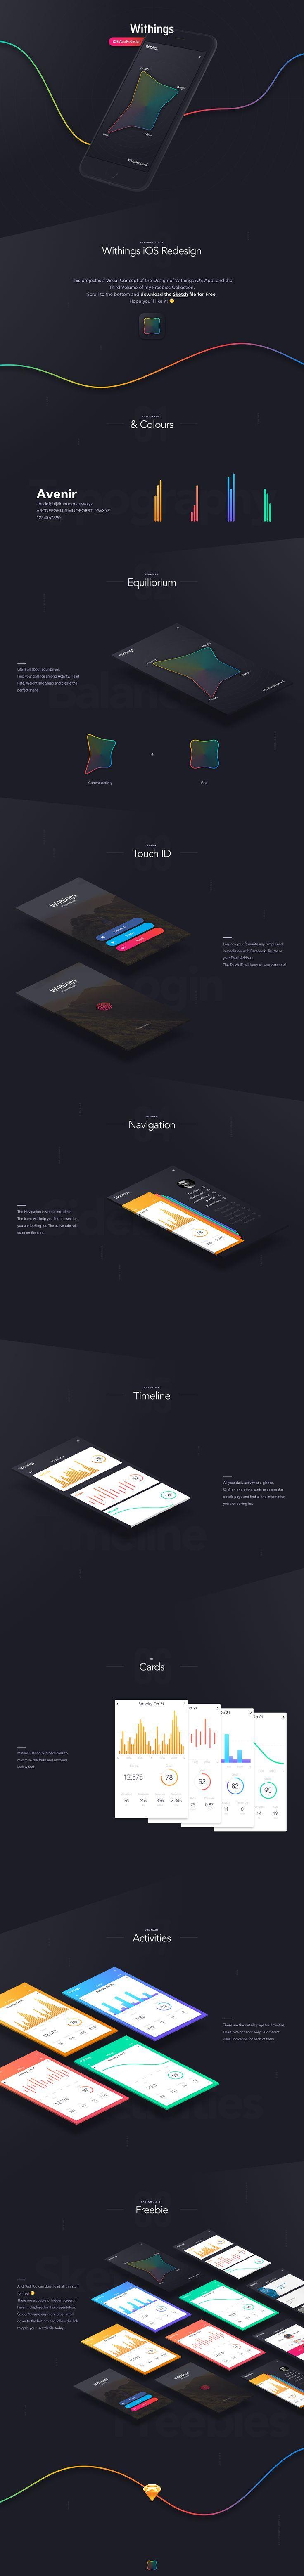 « Abduzeedo Design Inspiration sur Flipboard » est disponible avec des milliers d'autres magazines et toutes les nouvelles qui vous intéressent. Téléchargez Flipboard gratuitement et cherchez « Abduzeedo Design Inspiration sur Flipboard ».. The UX Blog podcast is also available on iTunes.